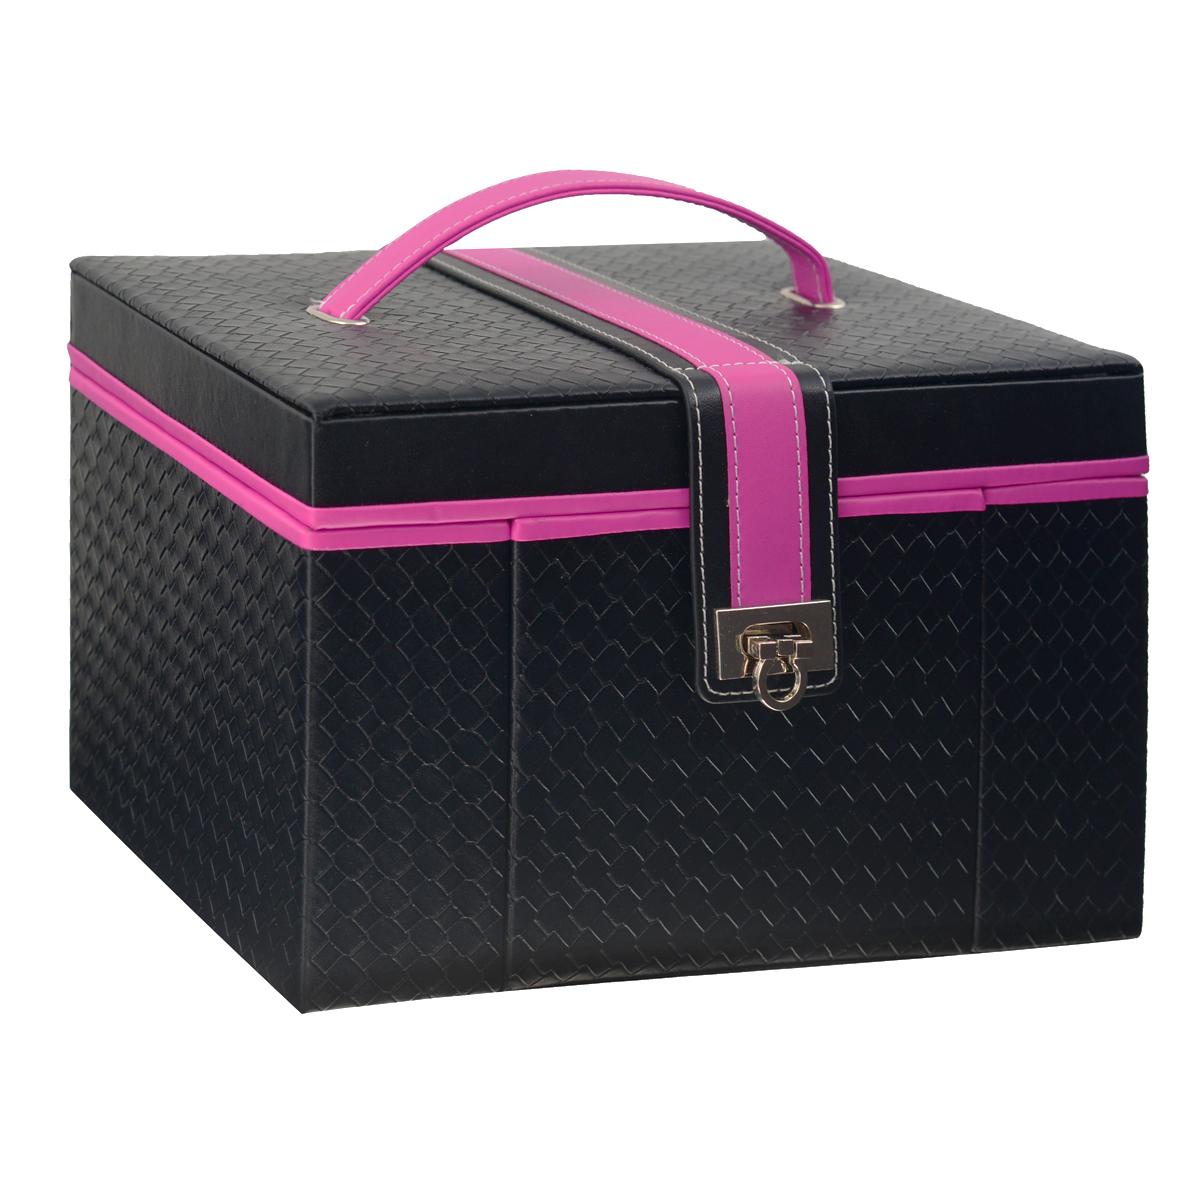 Шкатулка для украшений Graceful, цвет: черный, розовыйJB-02033Прямоугольная шкатулка для украшений выполнена в виде сундучка из искусственной кожи с рельефной поверхностью. Внутренняя поверхность шкатулки отделана бархатом. На внутренней стороне крышки имеется зеркальце, пришивной карман на резинке и четыре ремешка на кнопке. Шкатулка закрывается на ремень с застежкой, крышка оснащена ручкой для удобной переноски изделия. Основное отделение шкатулки содержит две больших секции для цепочек и браслетов, одна из которых оснащена крышкой. Продолговатые валики используются под кольца и серьги. Мини-шкатулка с двумя средними секциями и валиками предназначена для хранения небольших украшений. Специальное боковое отделение содержит съемную двустороннюю секцию с двумя кармашками, четырьмя крючками и ремнем на кнопке. Кроме того, шкатулка оснащена двумя выдвижными ящичками с большими секциями для хранения более крупных украшений. Великолепная шкатулка не оставит равнодушной ни одну любительницу изысканных вещей. Сочетание оригинального дизайна...